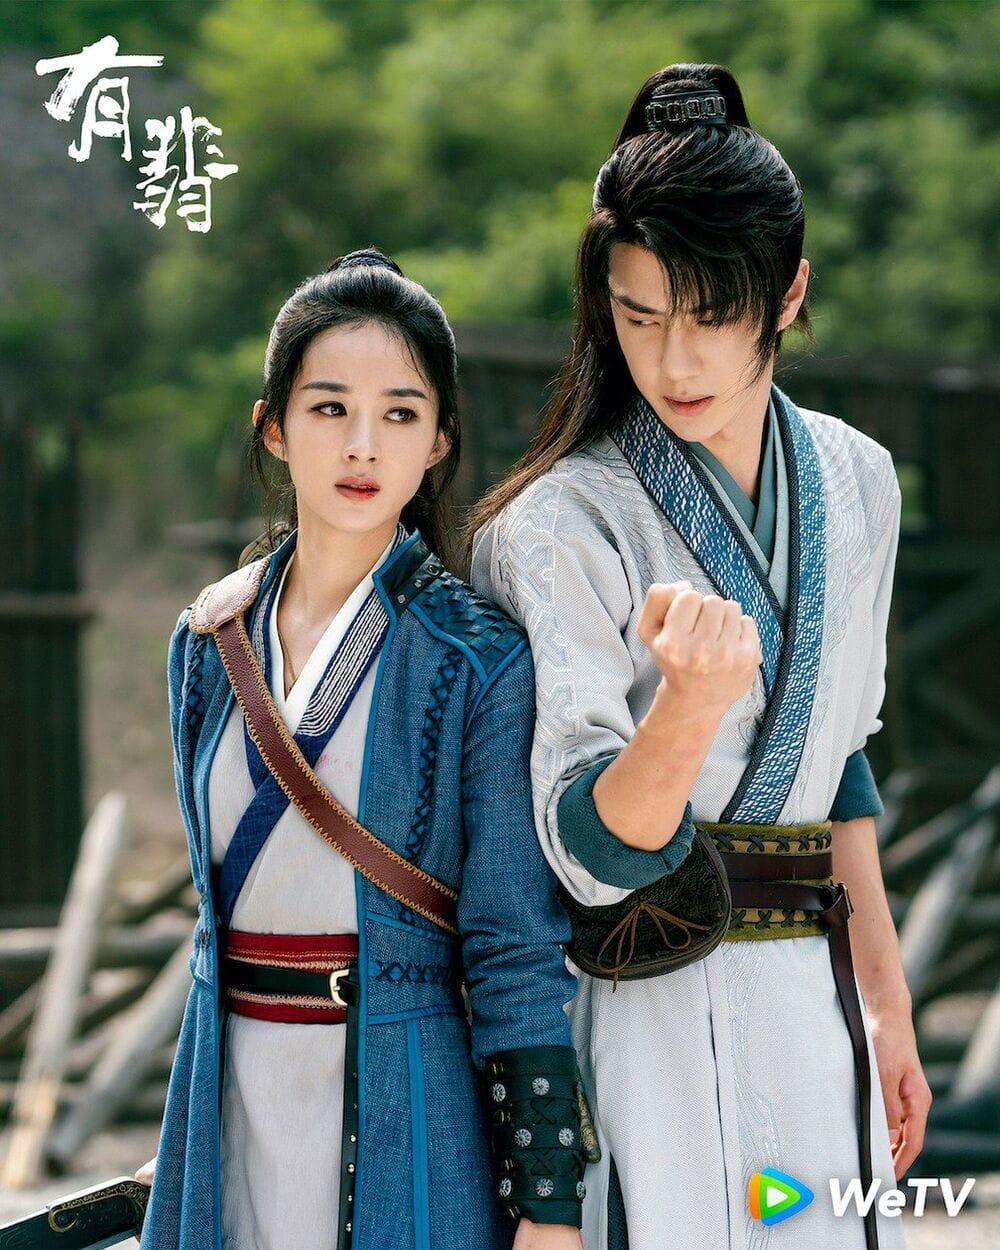 Những cặp đôi kinh điển của màn ảnh Hoa ngữ: Nhất Bác - Tiêu Chiến có tên, Nhiệt Ba - Dương Dương nằm 'xó' nào? 14